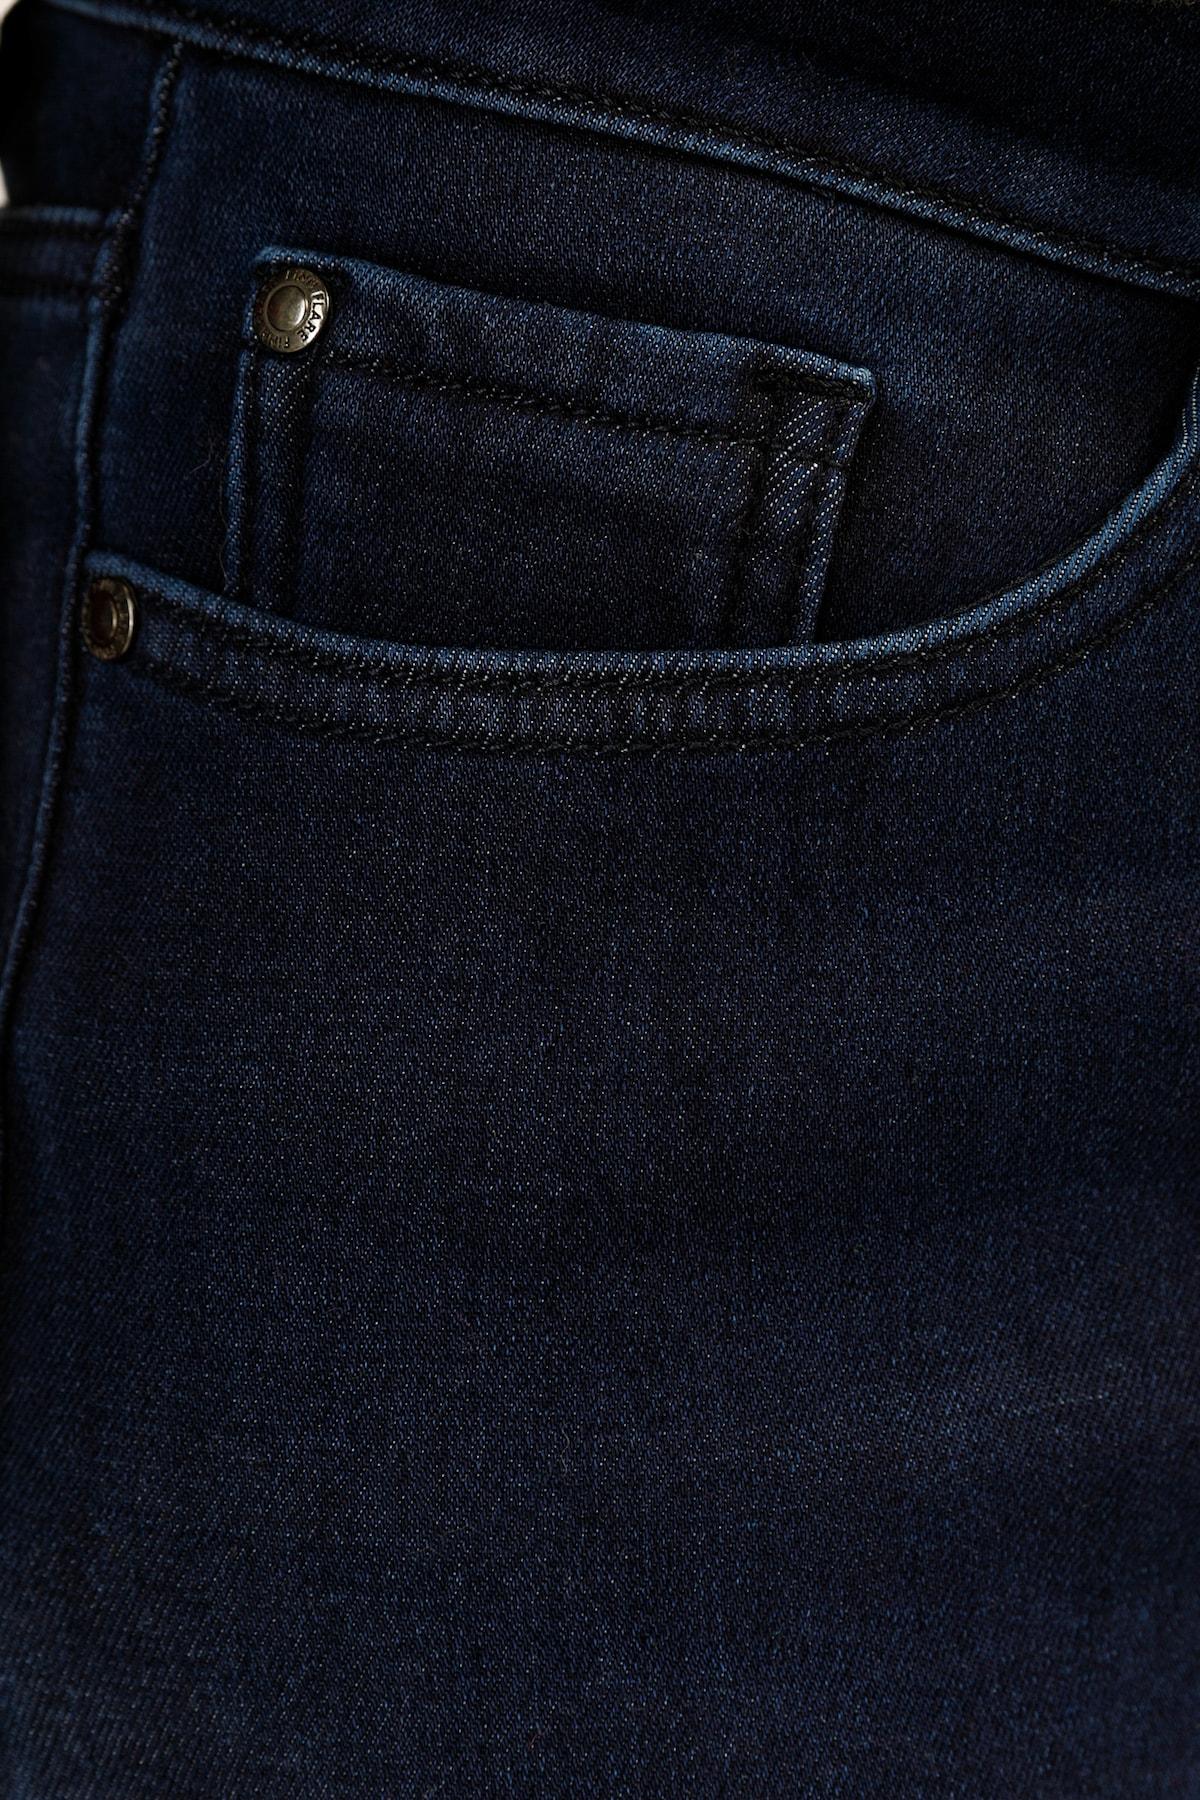 Beliebt Frauen Bekleidung Finn Flare Jeans in blue denim Zum Verkauf